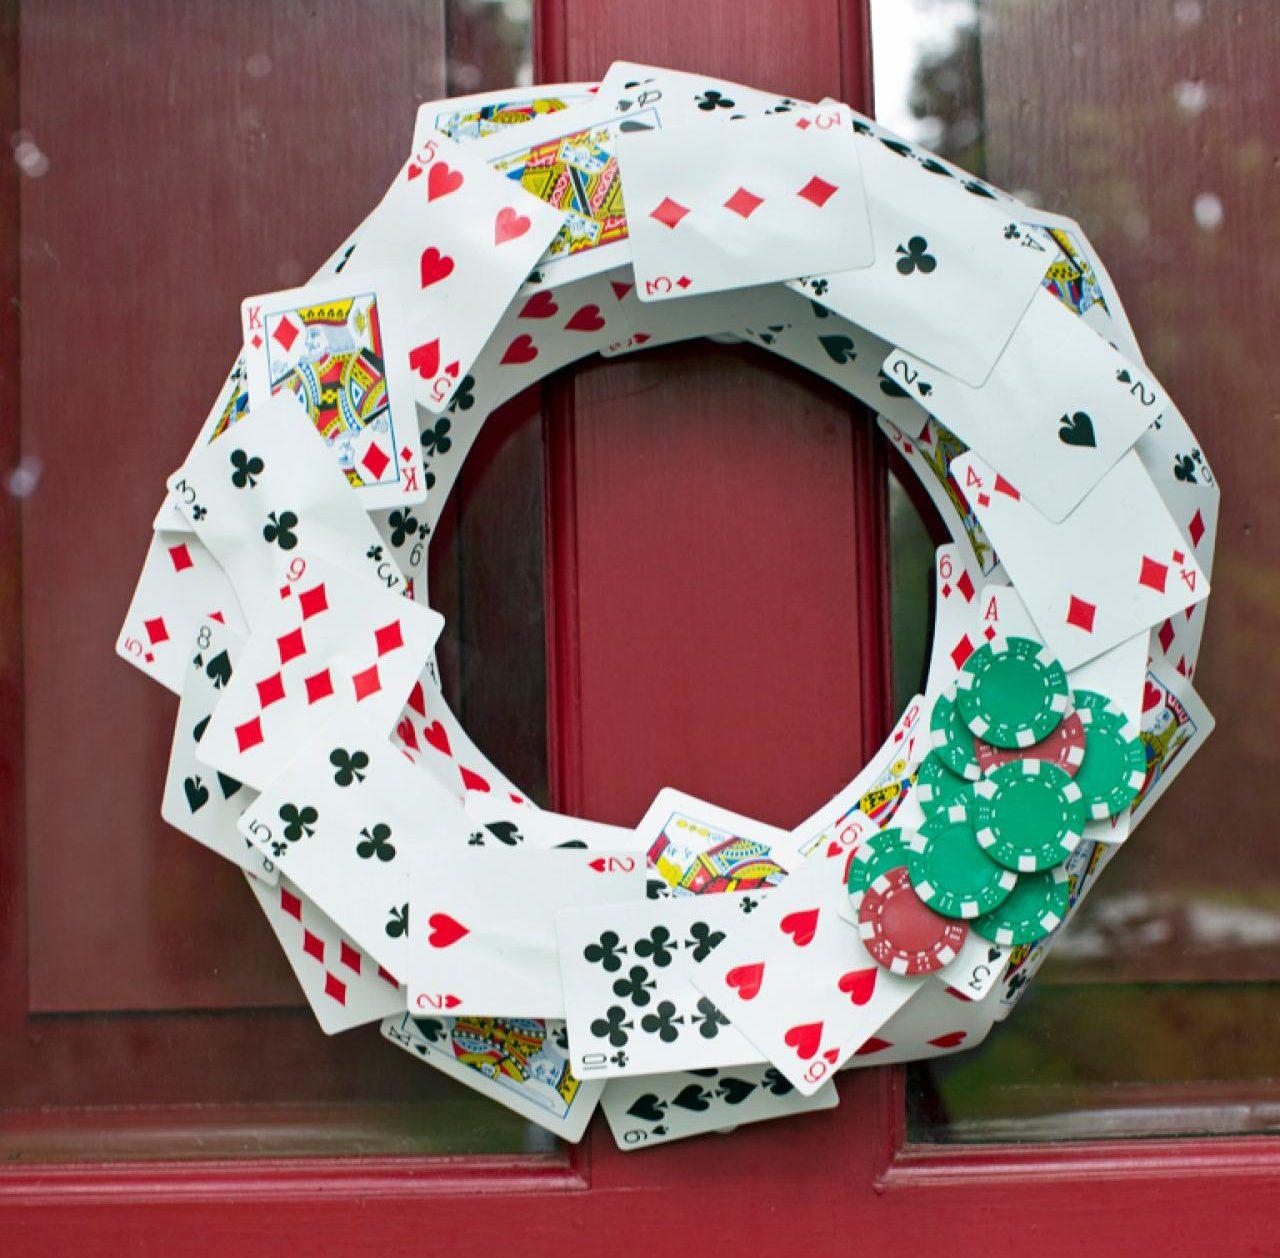 Рождественский венок из карт и фишек